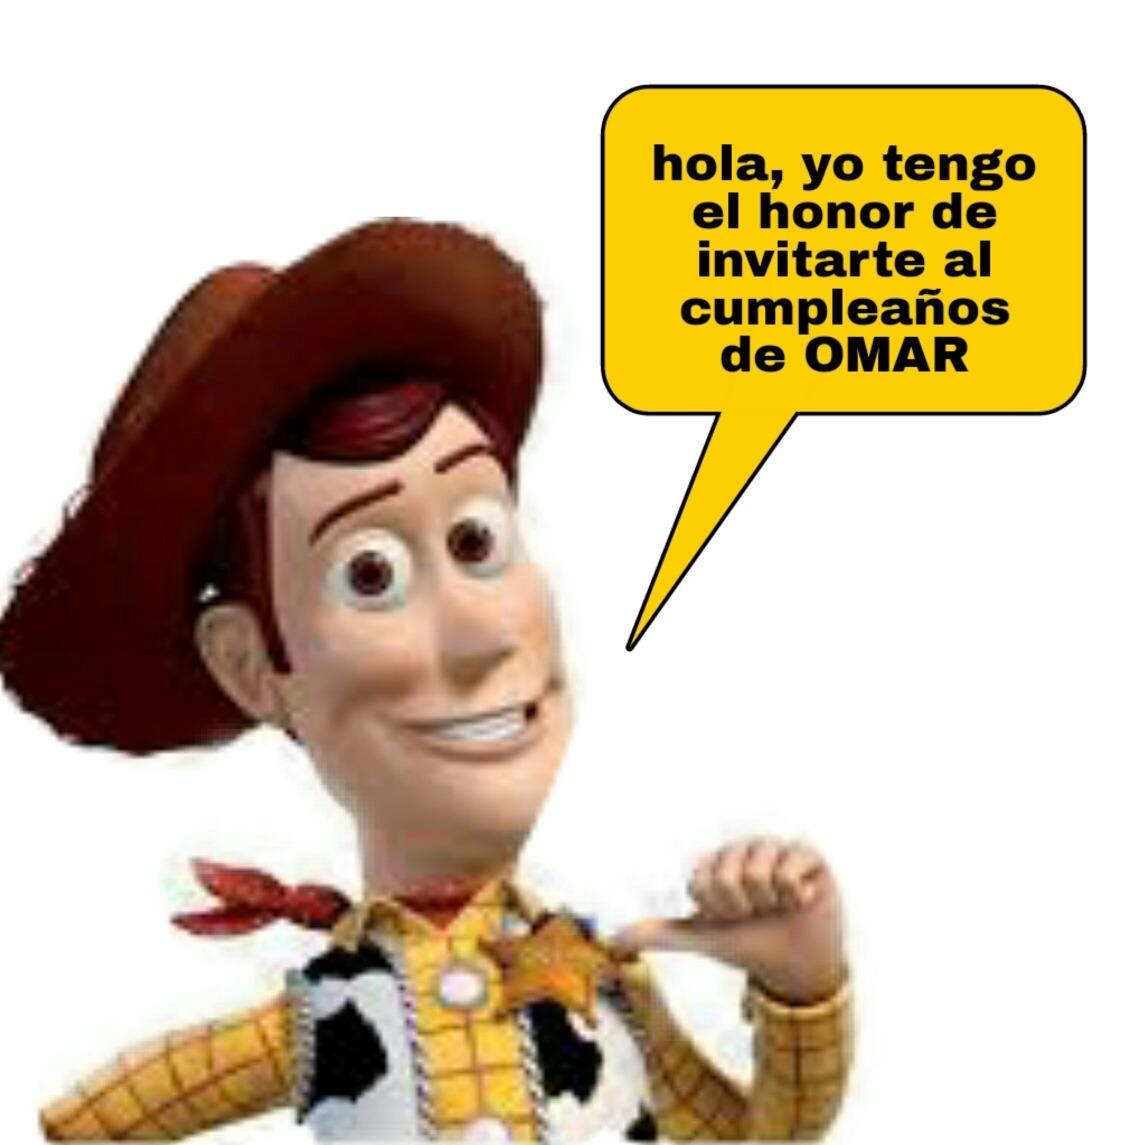 Invitacion Digital Video Toy Story Woody 150 00 En Mercado Libre